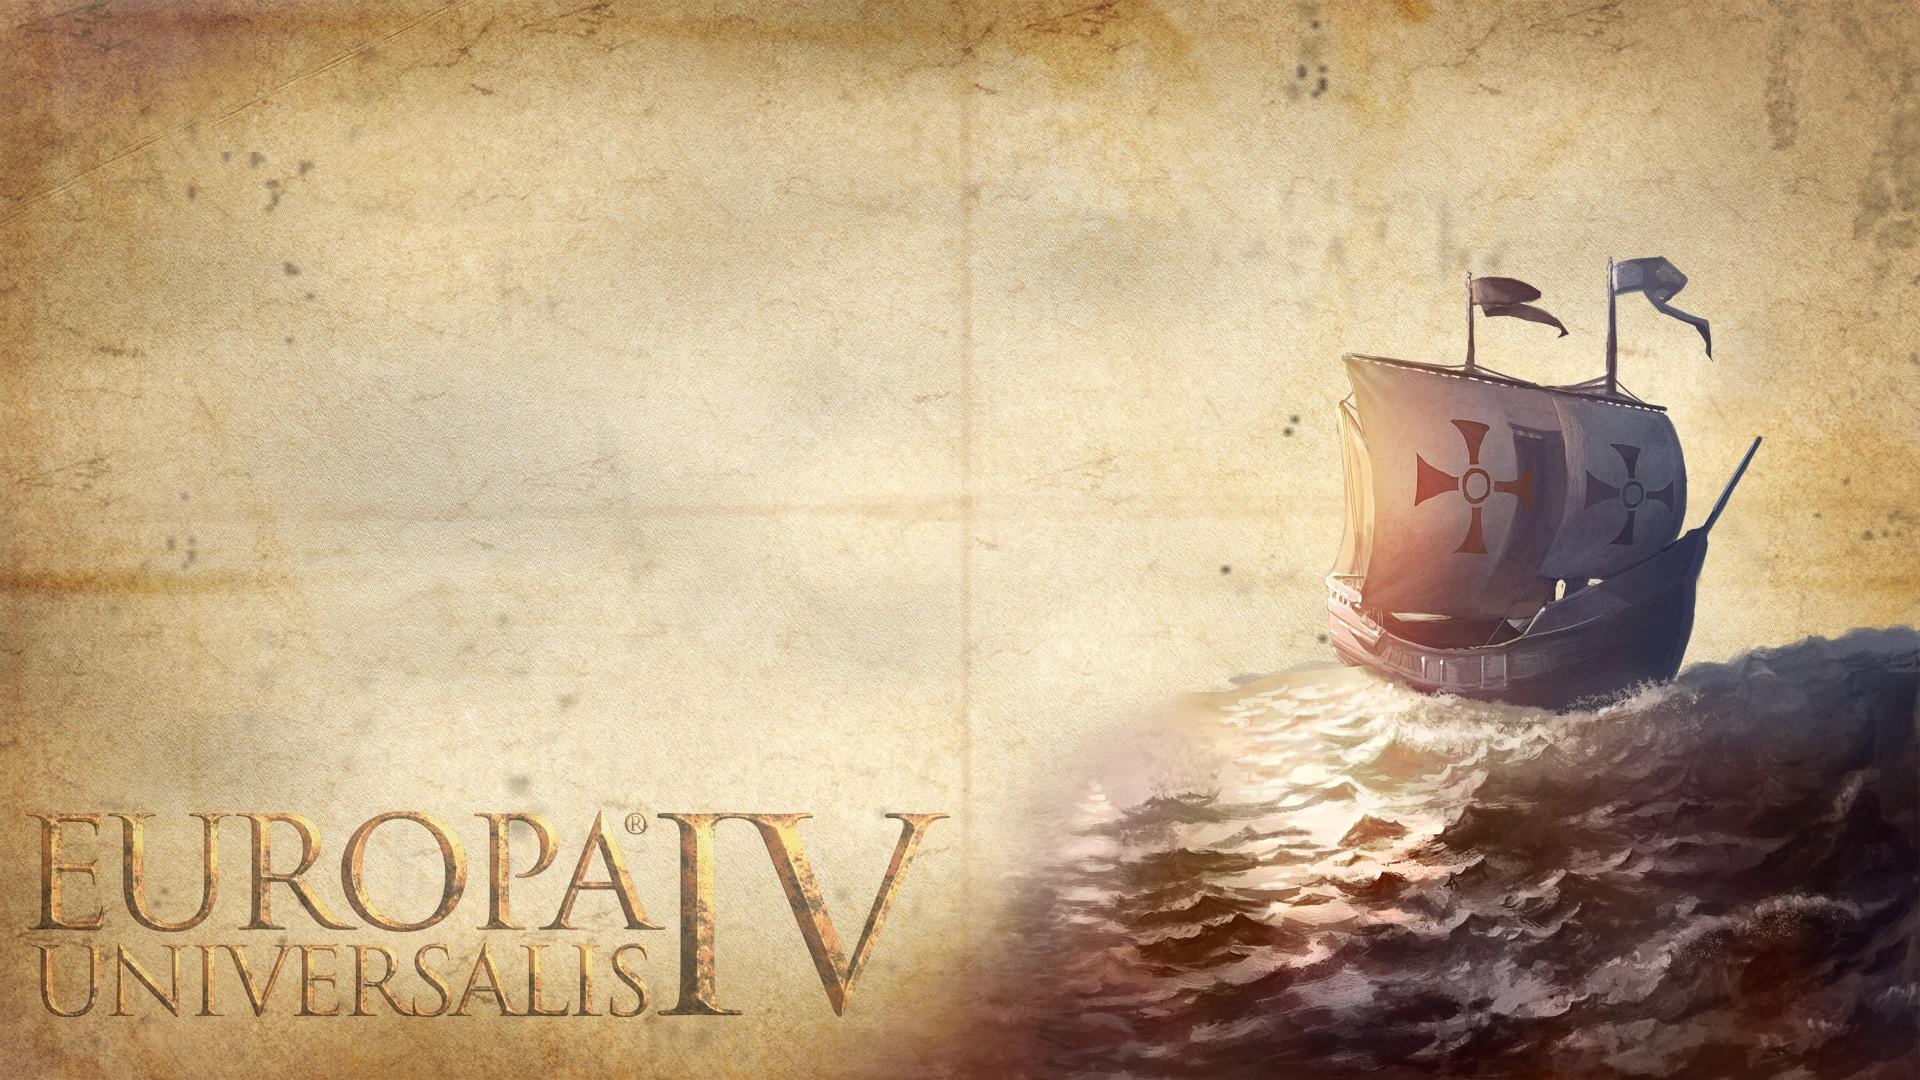 سی دی کی اریجینال استیم بازی Europa Universalis IV